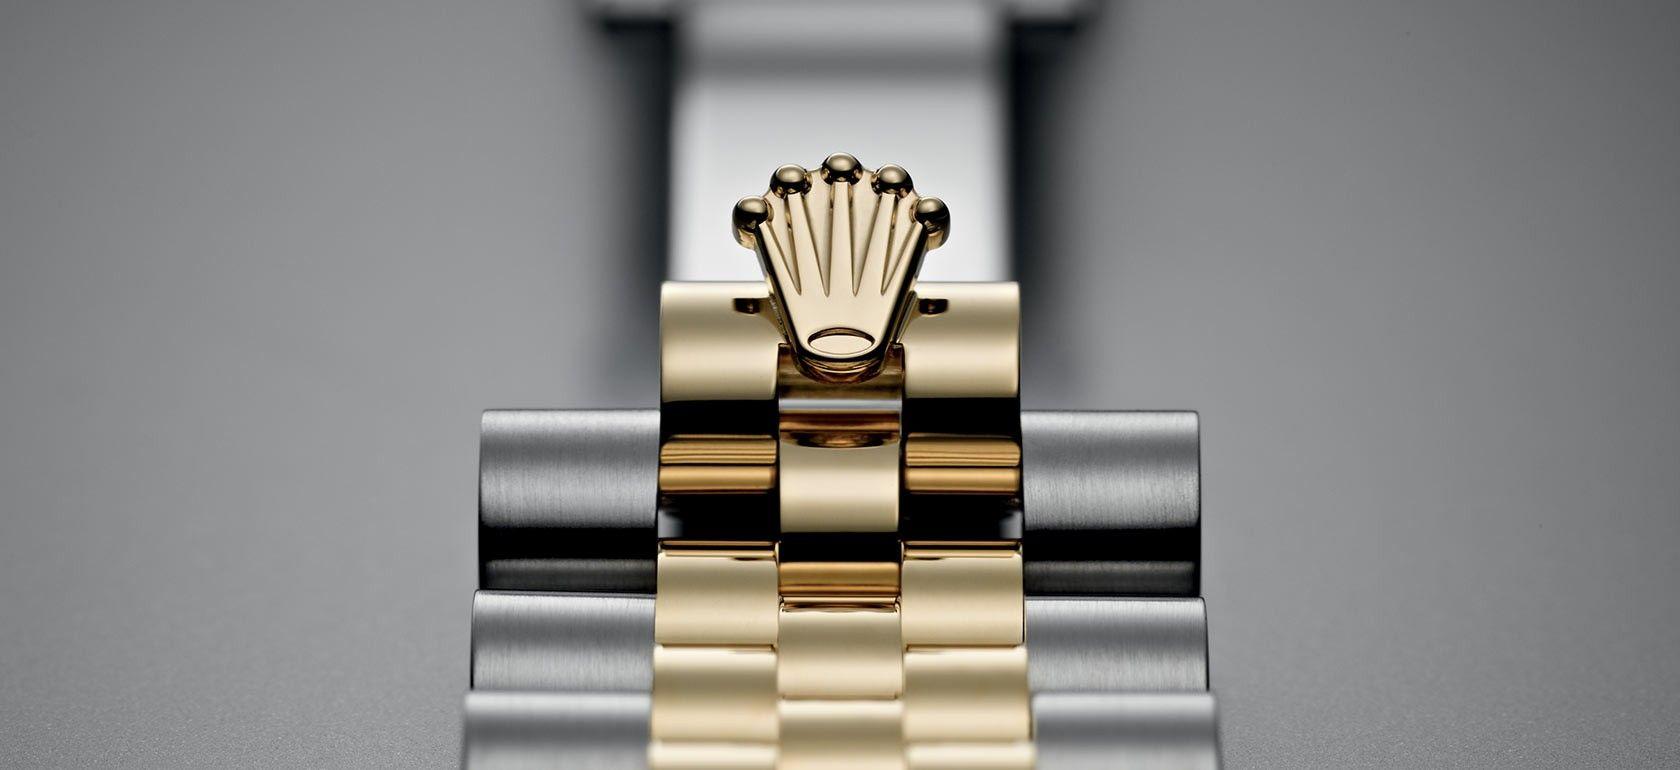 Rolex Uhren – zeitloser Luxus mit moderner Funktionalität gepaart ...